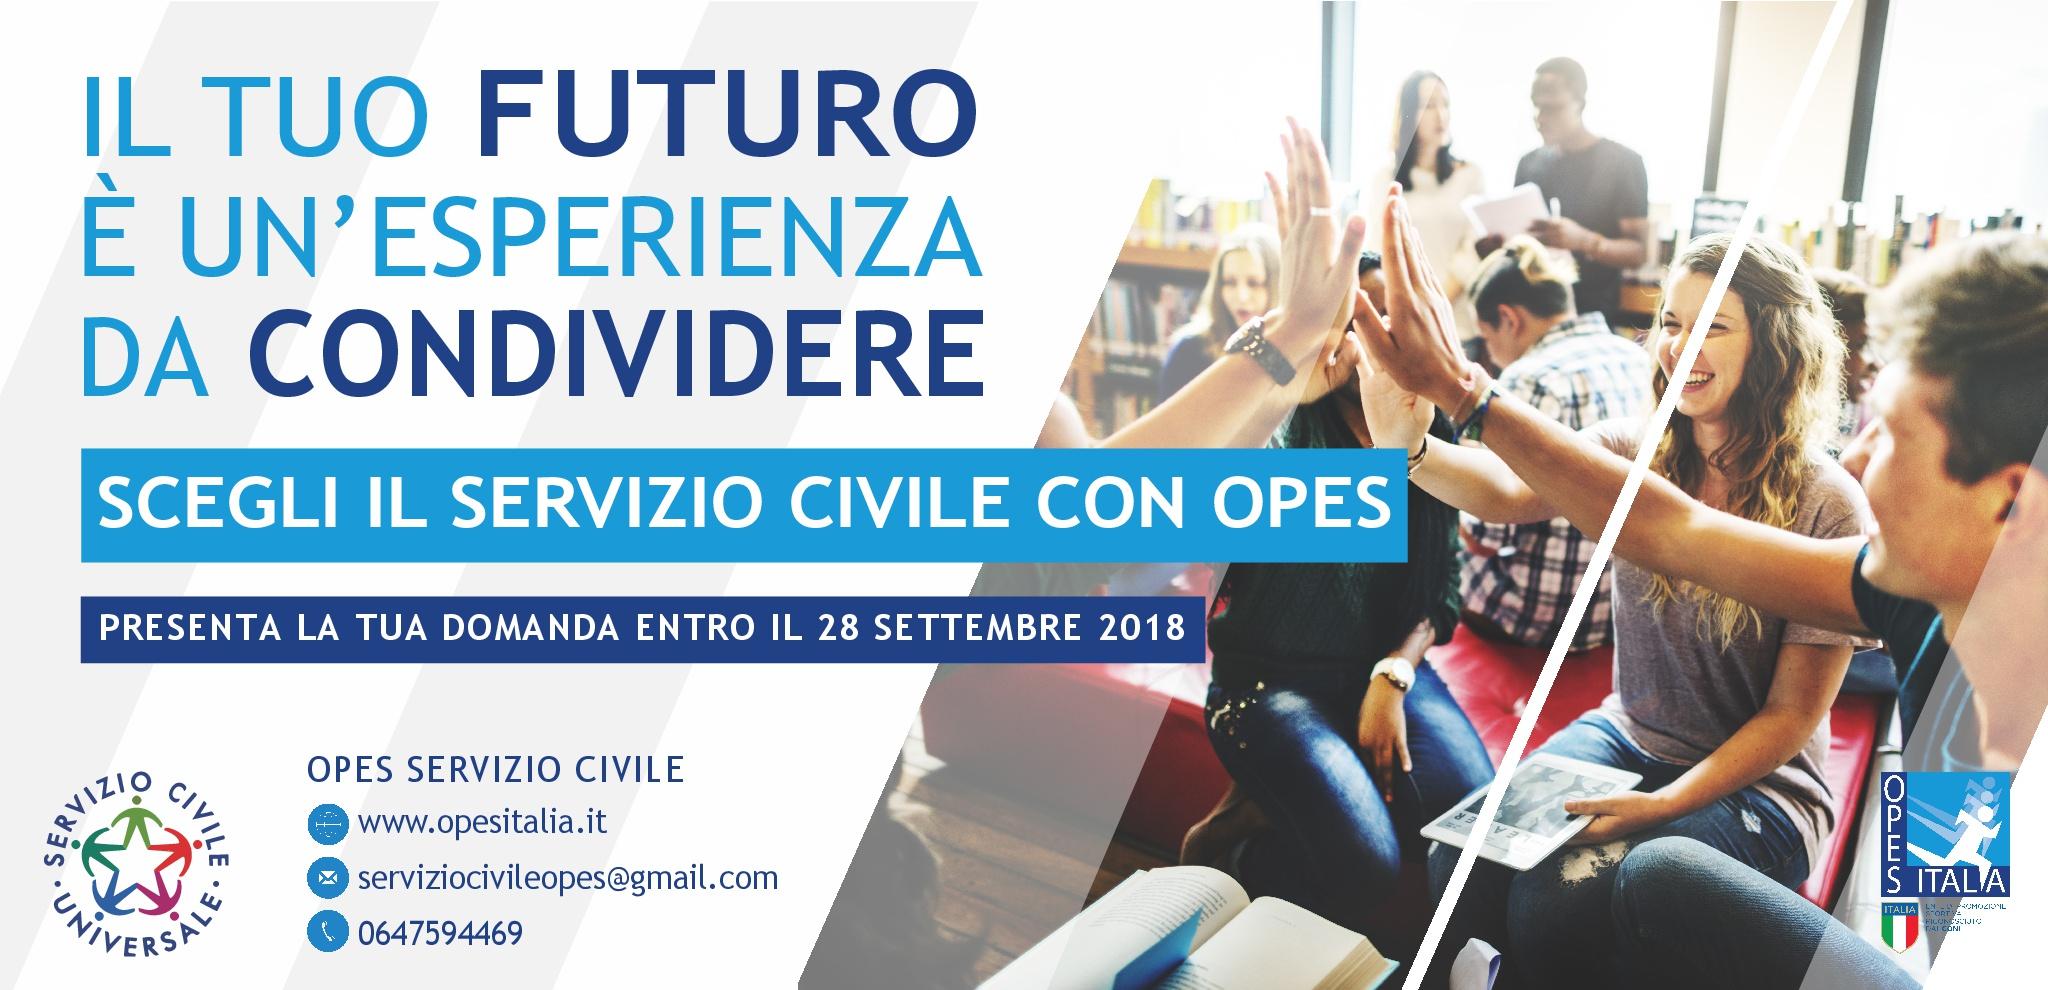 banner SERVIZIO CIVILE definitiva (1)-001